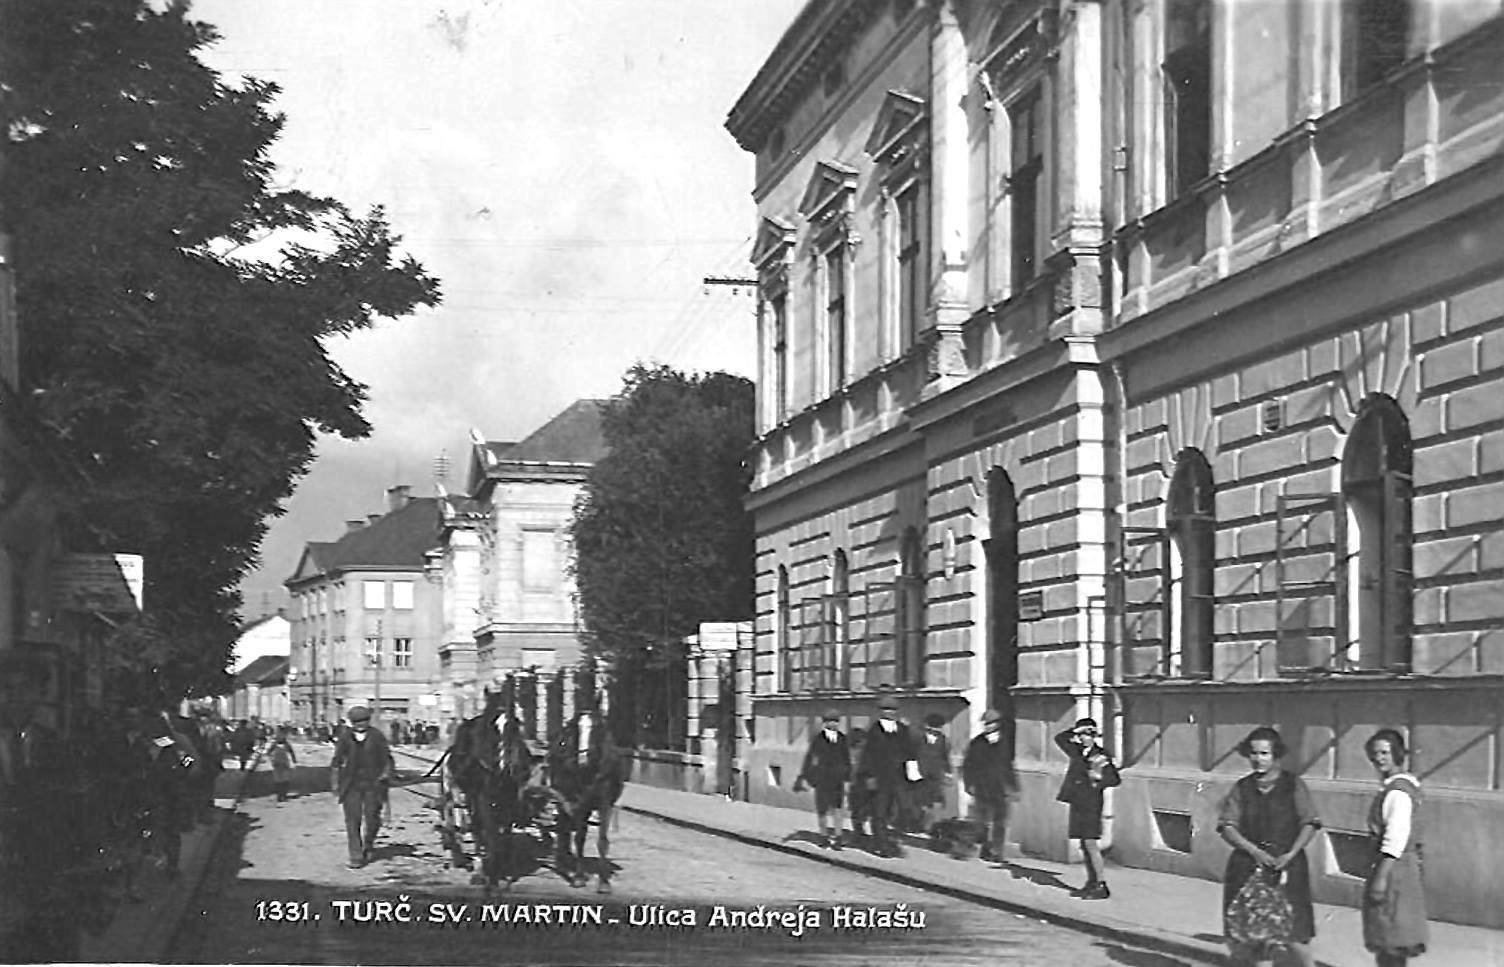 20te roky - Andreja Kmeta